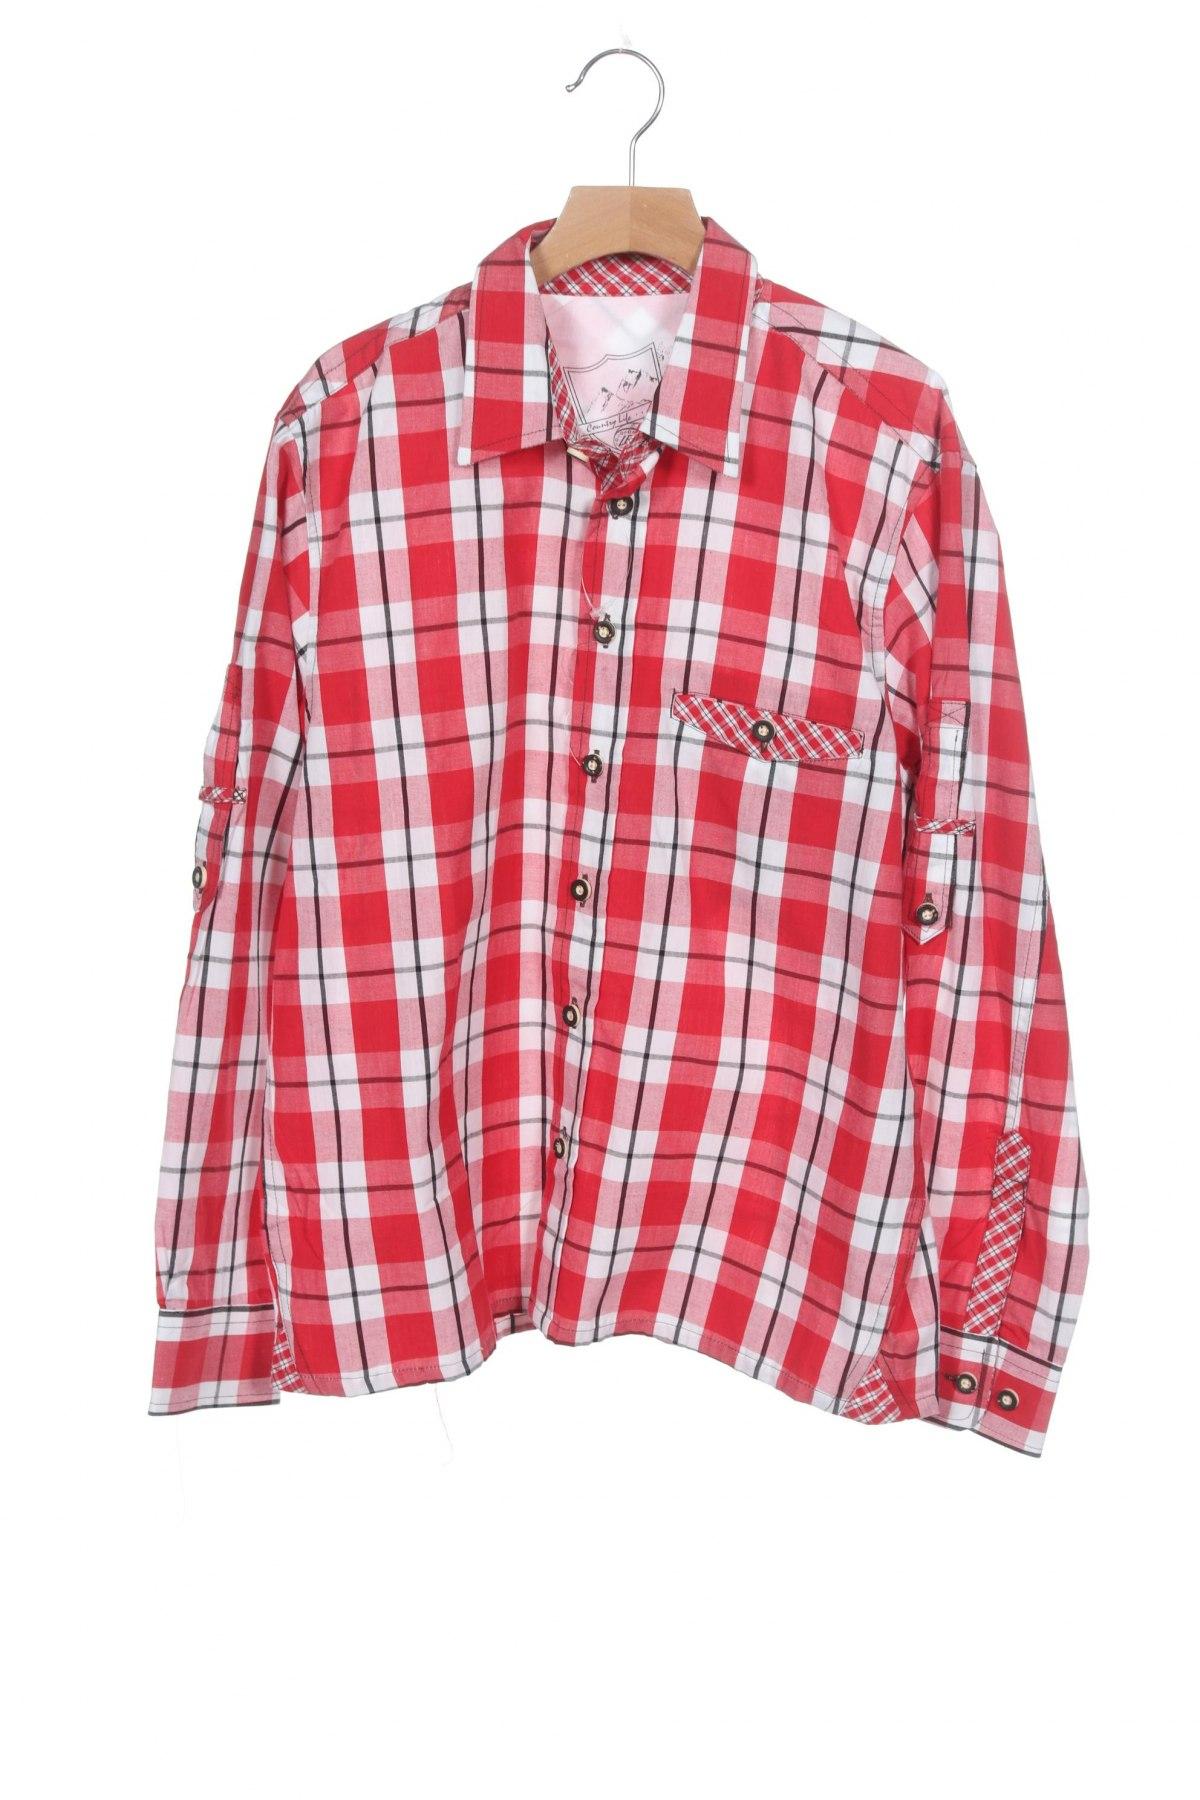 Παιδικό πουκάμισο Lekra, Μέγεθος 12-13y/ 158-164 εκ., Χρώμα Κόκκινο, Βαμβάκι, Τιμή 7,05€